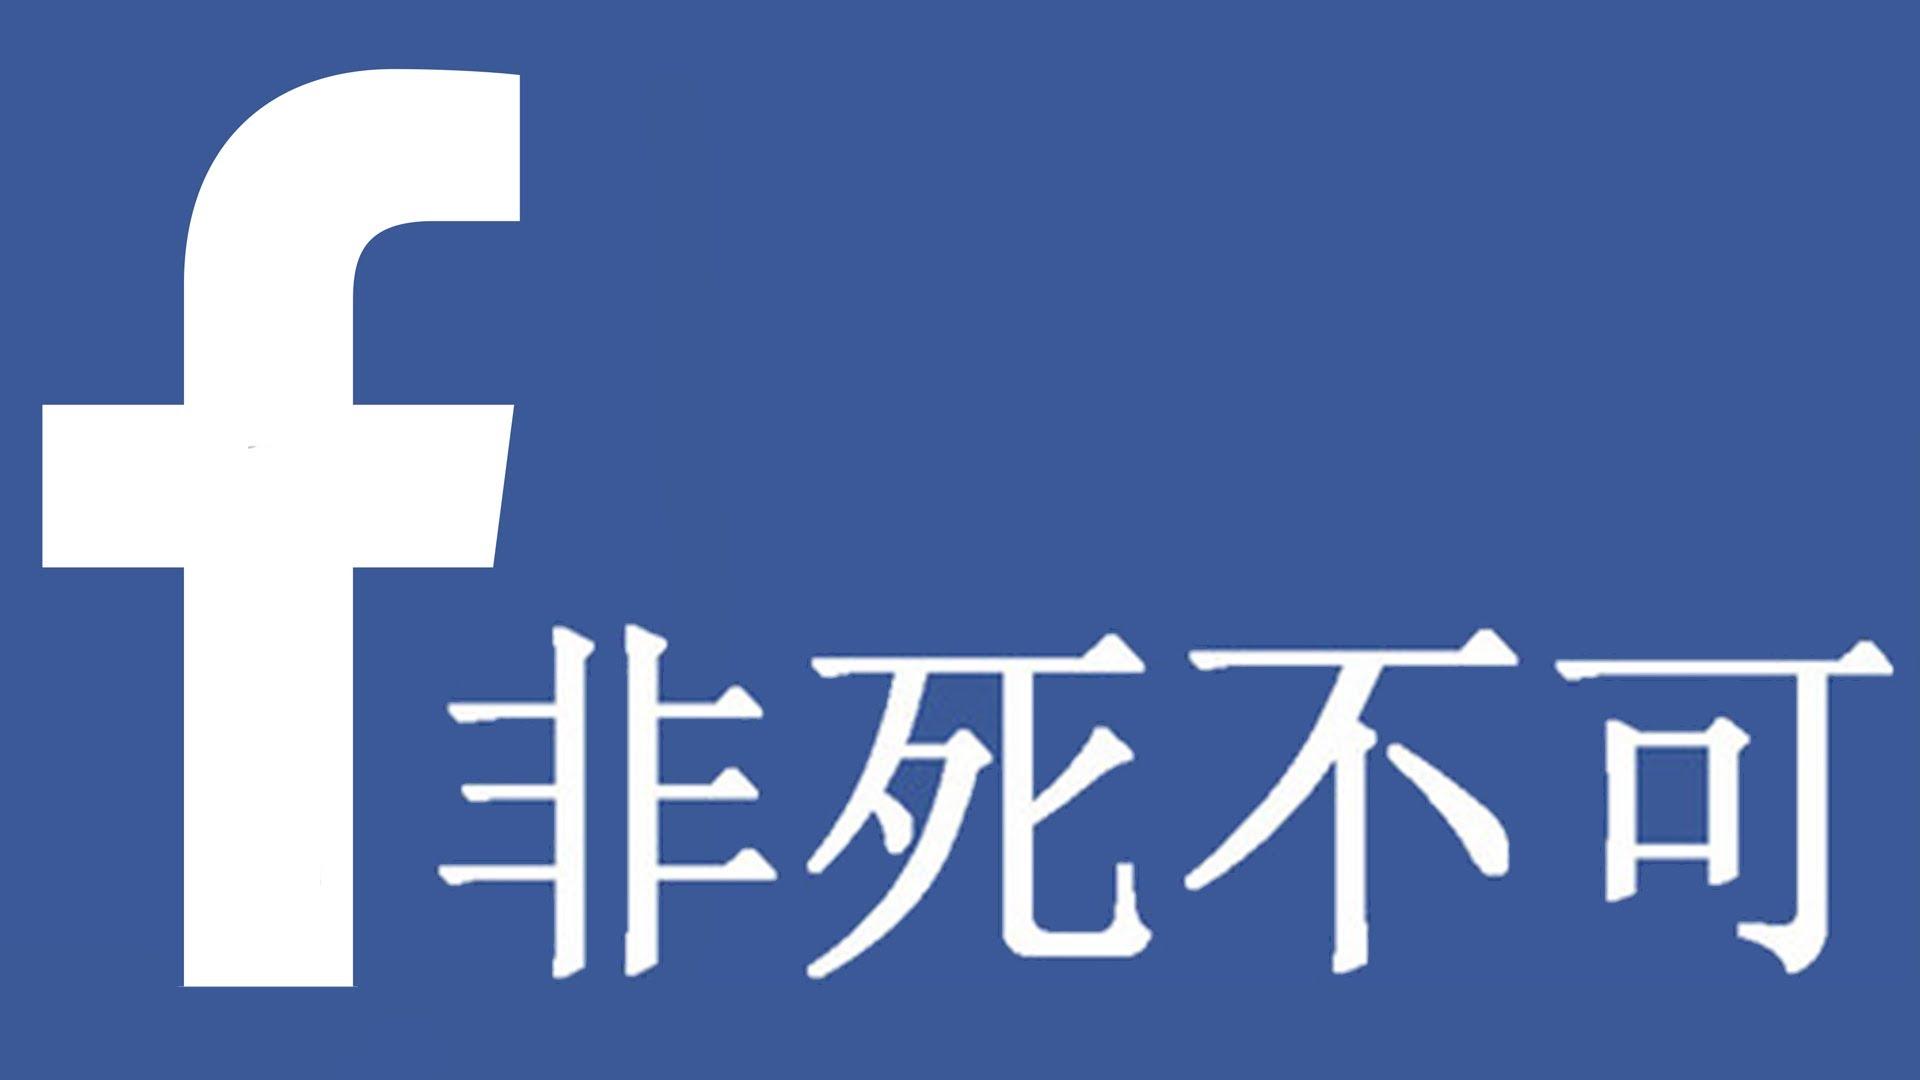 Facebook conferma di avere partnership per condivisione dati con aziende cinesi